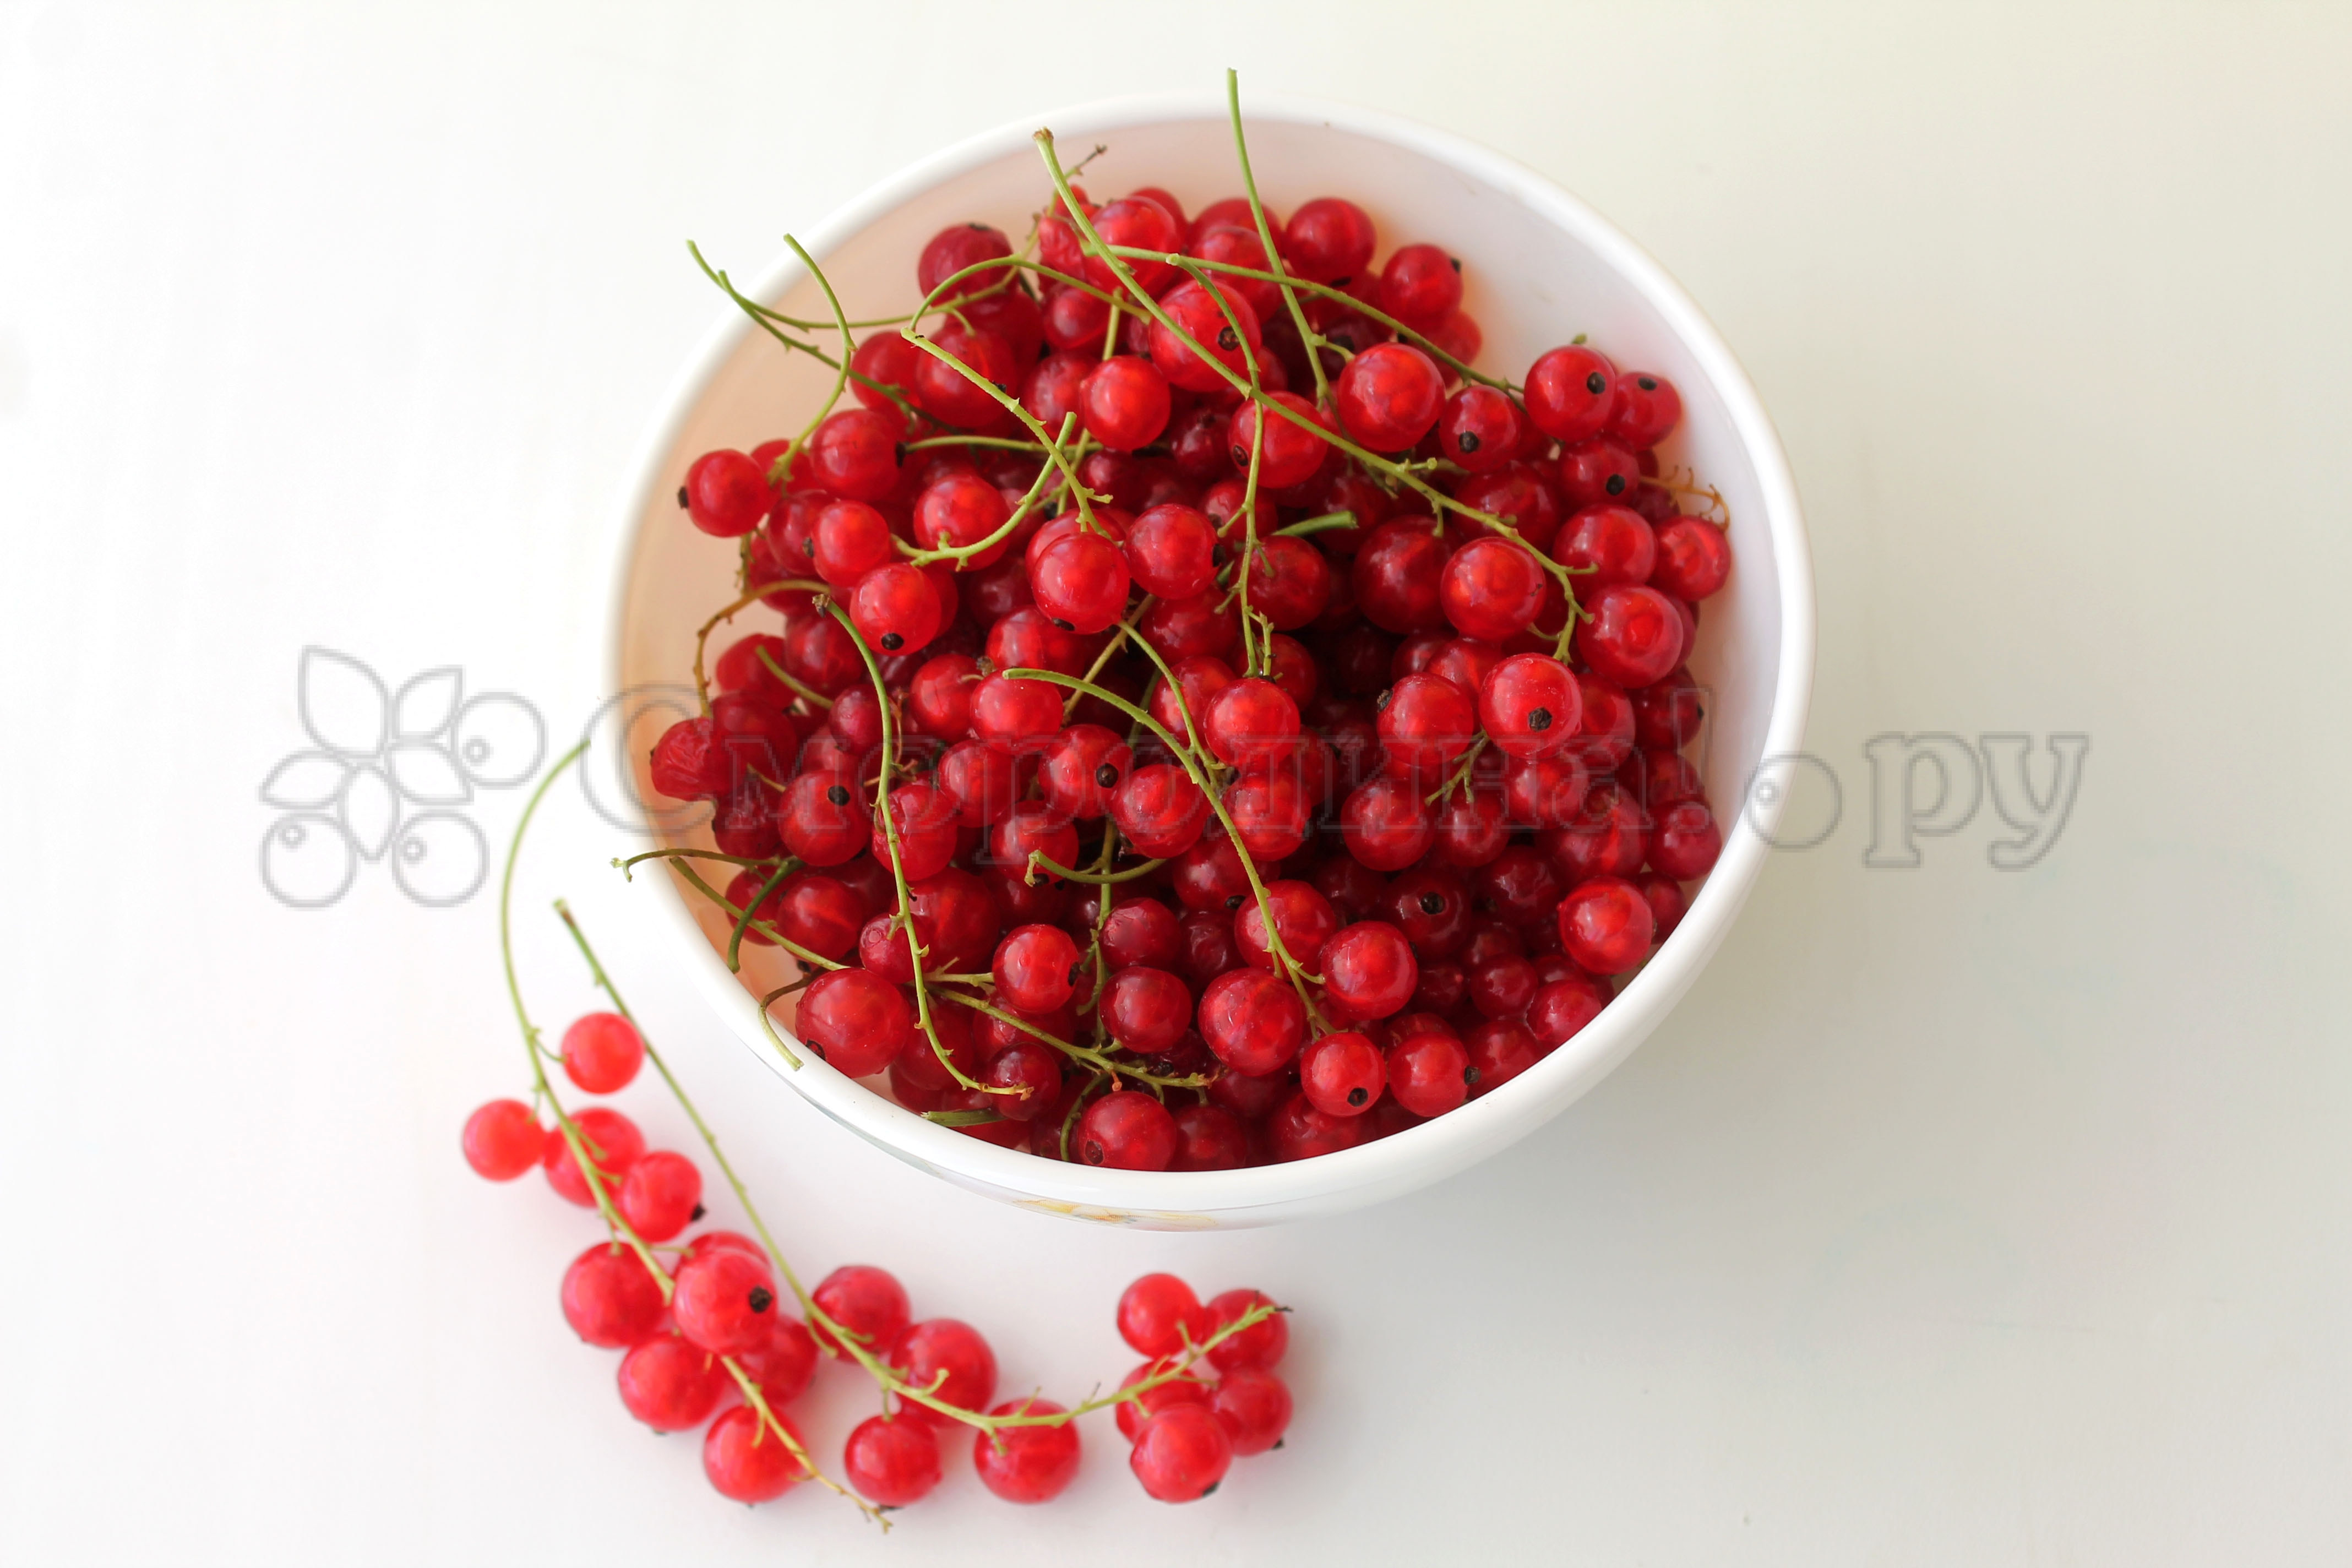 В чем состоит польза и вред красной смородины для здоровья? химический состав ягоды